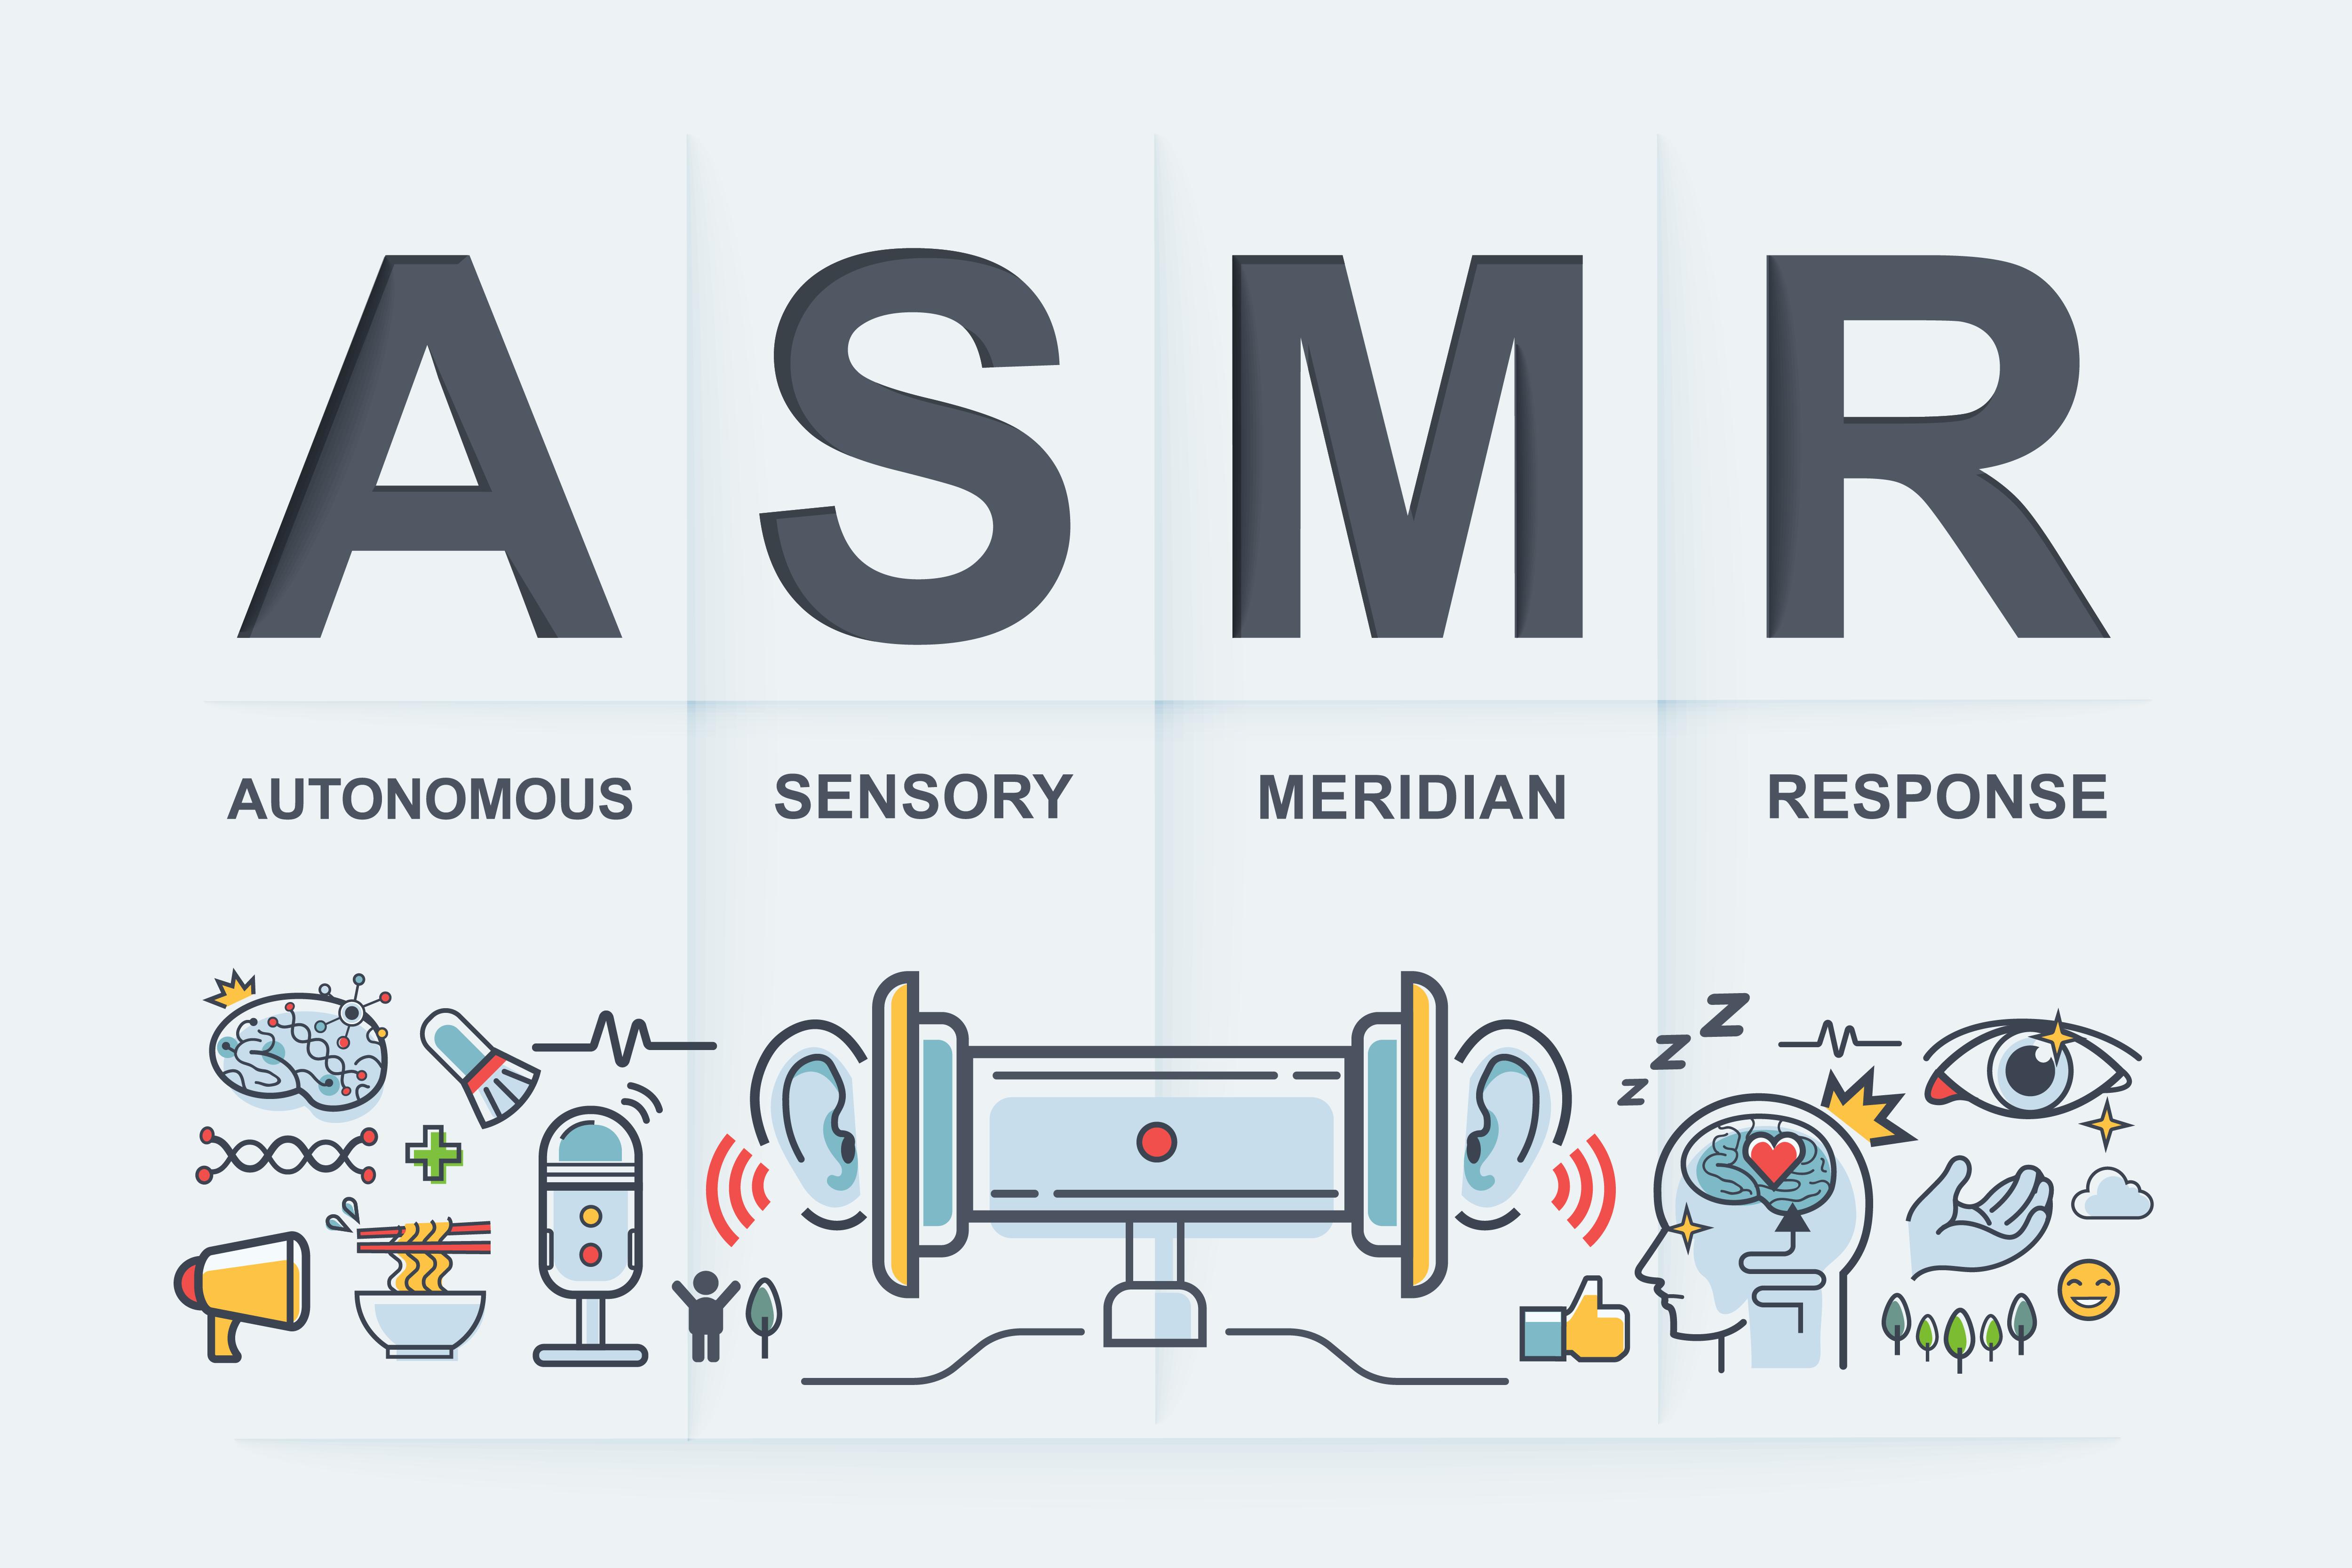 ASMR 魅力來襲 聽覺行銷擄獲顧客的心